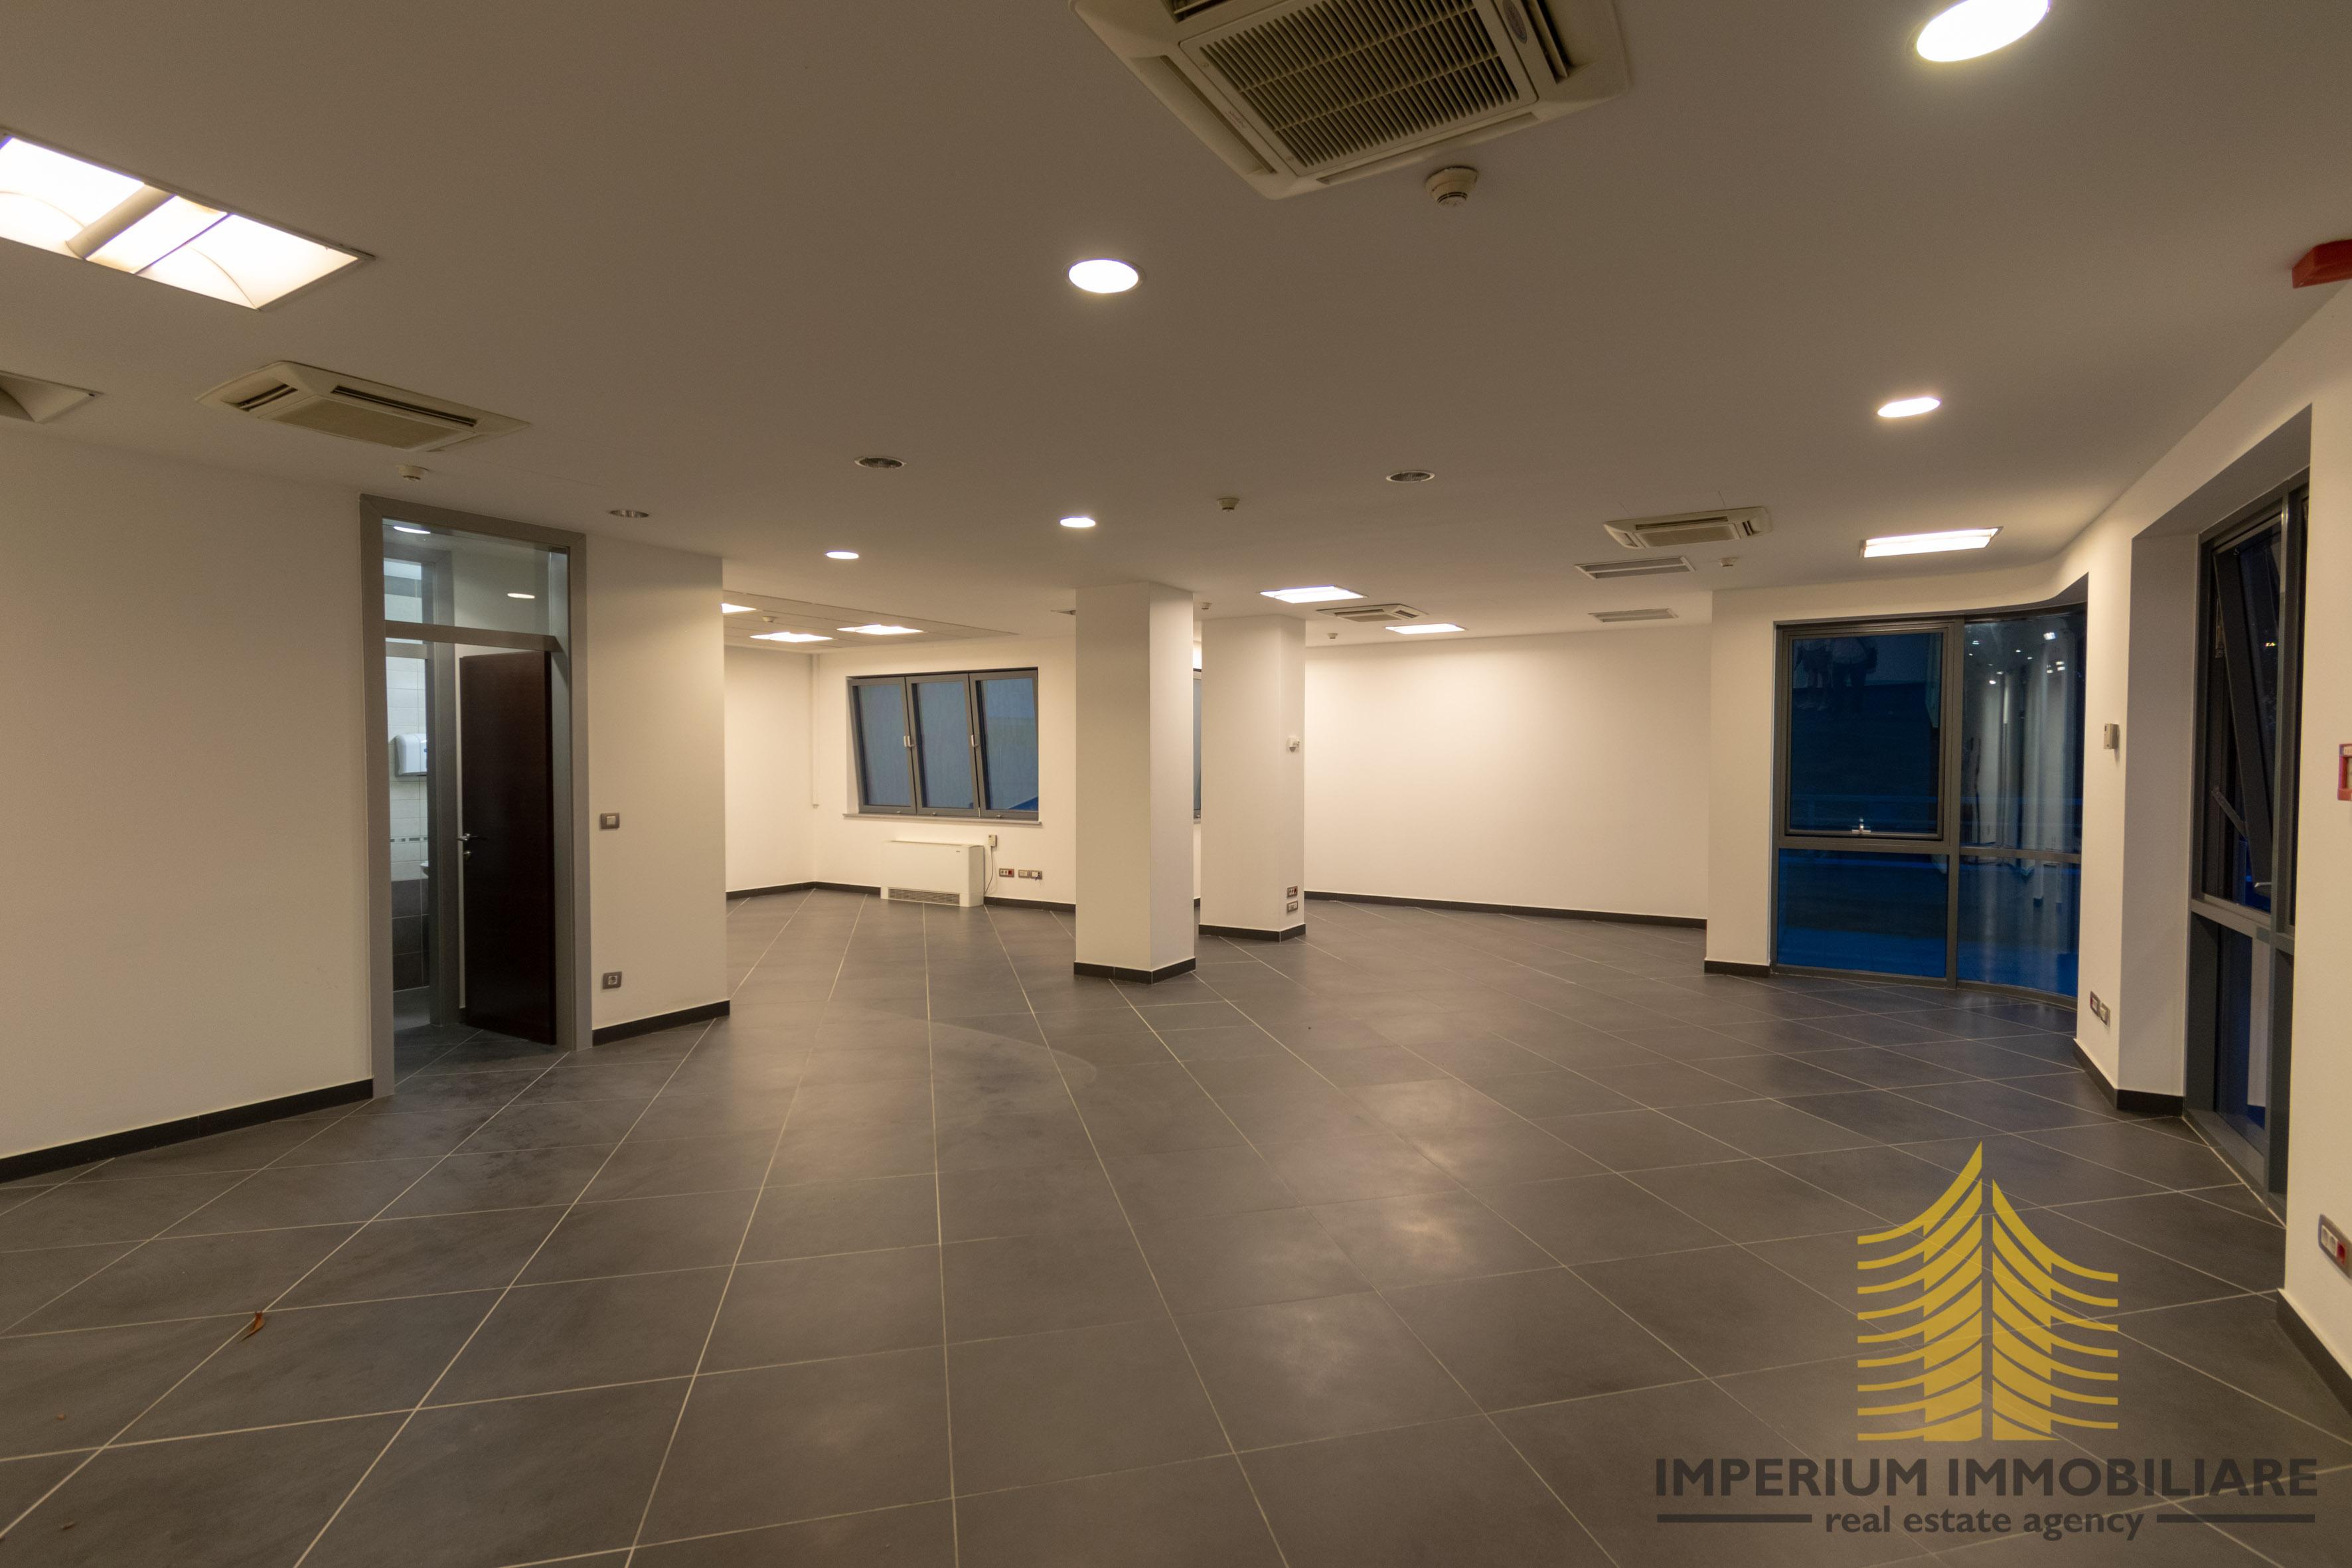 Poslovni prostor: Zagreb (Donji grad), 160 m2, ZVONIMIROVA (iznajmljivanje)